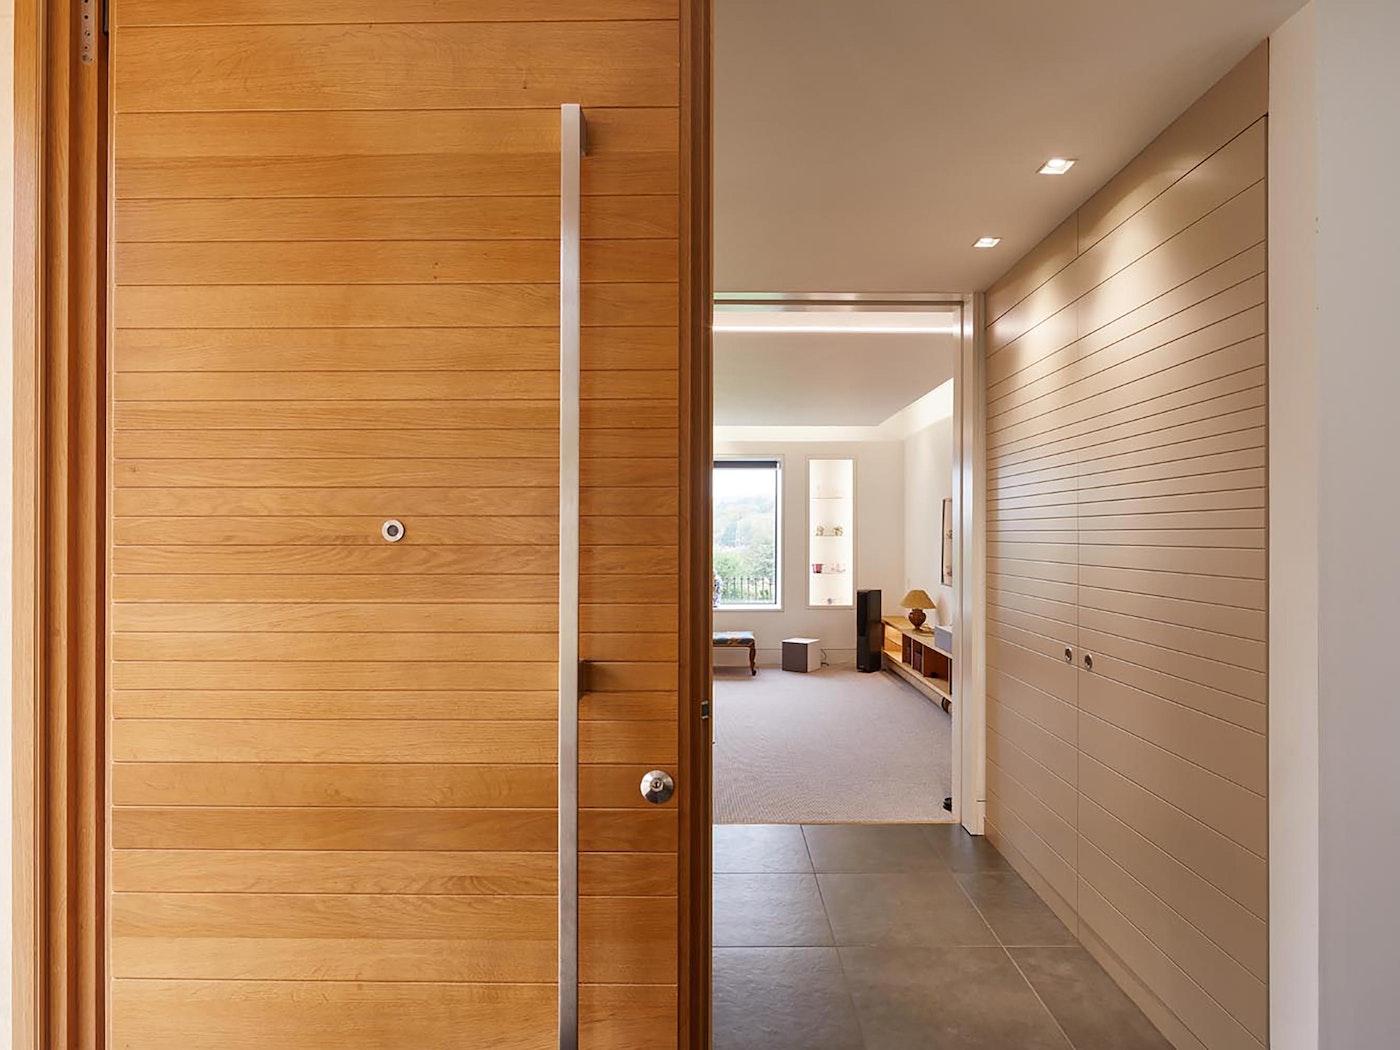 passive house door internal view